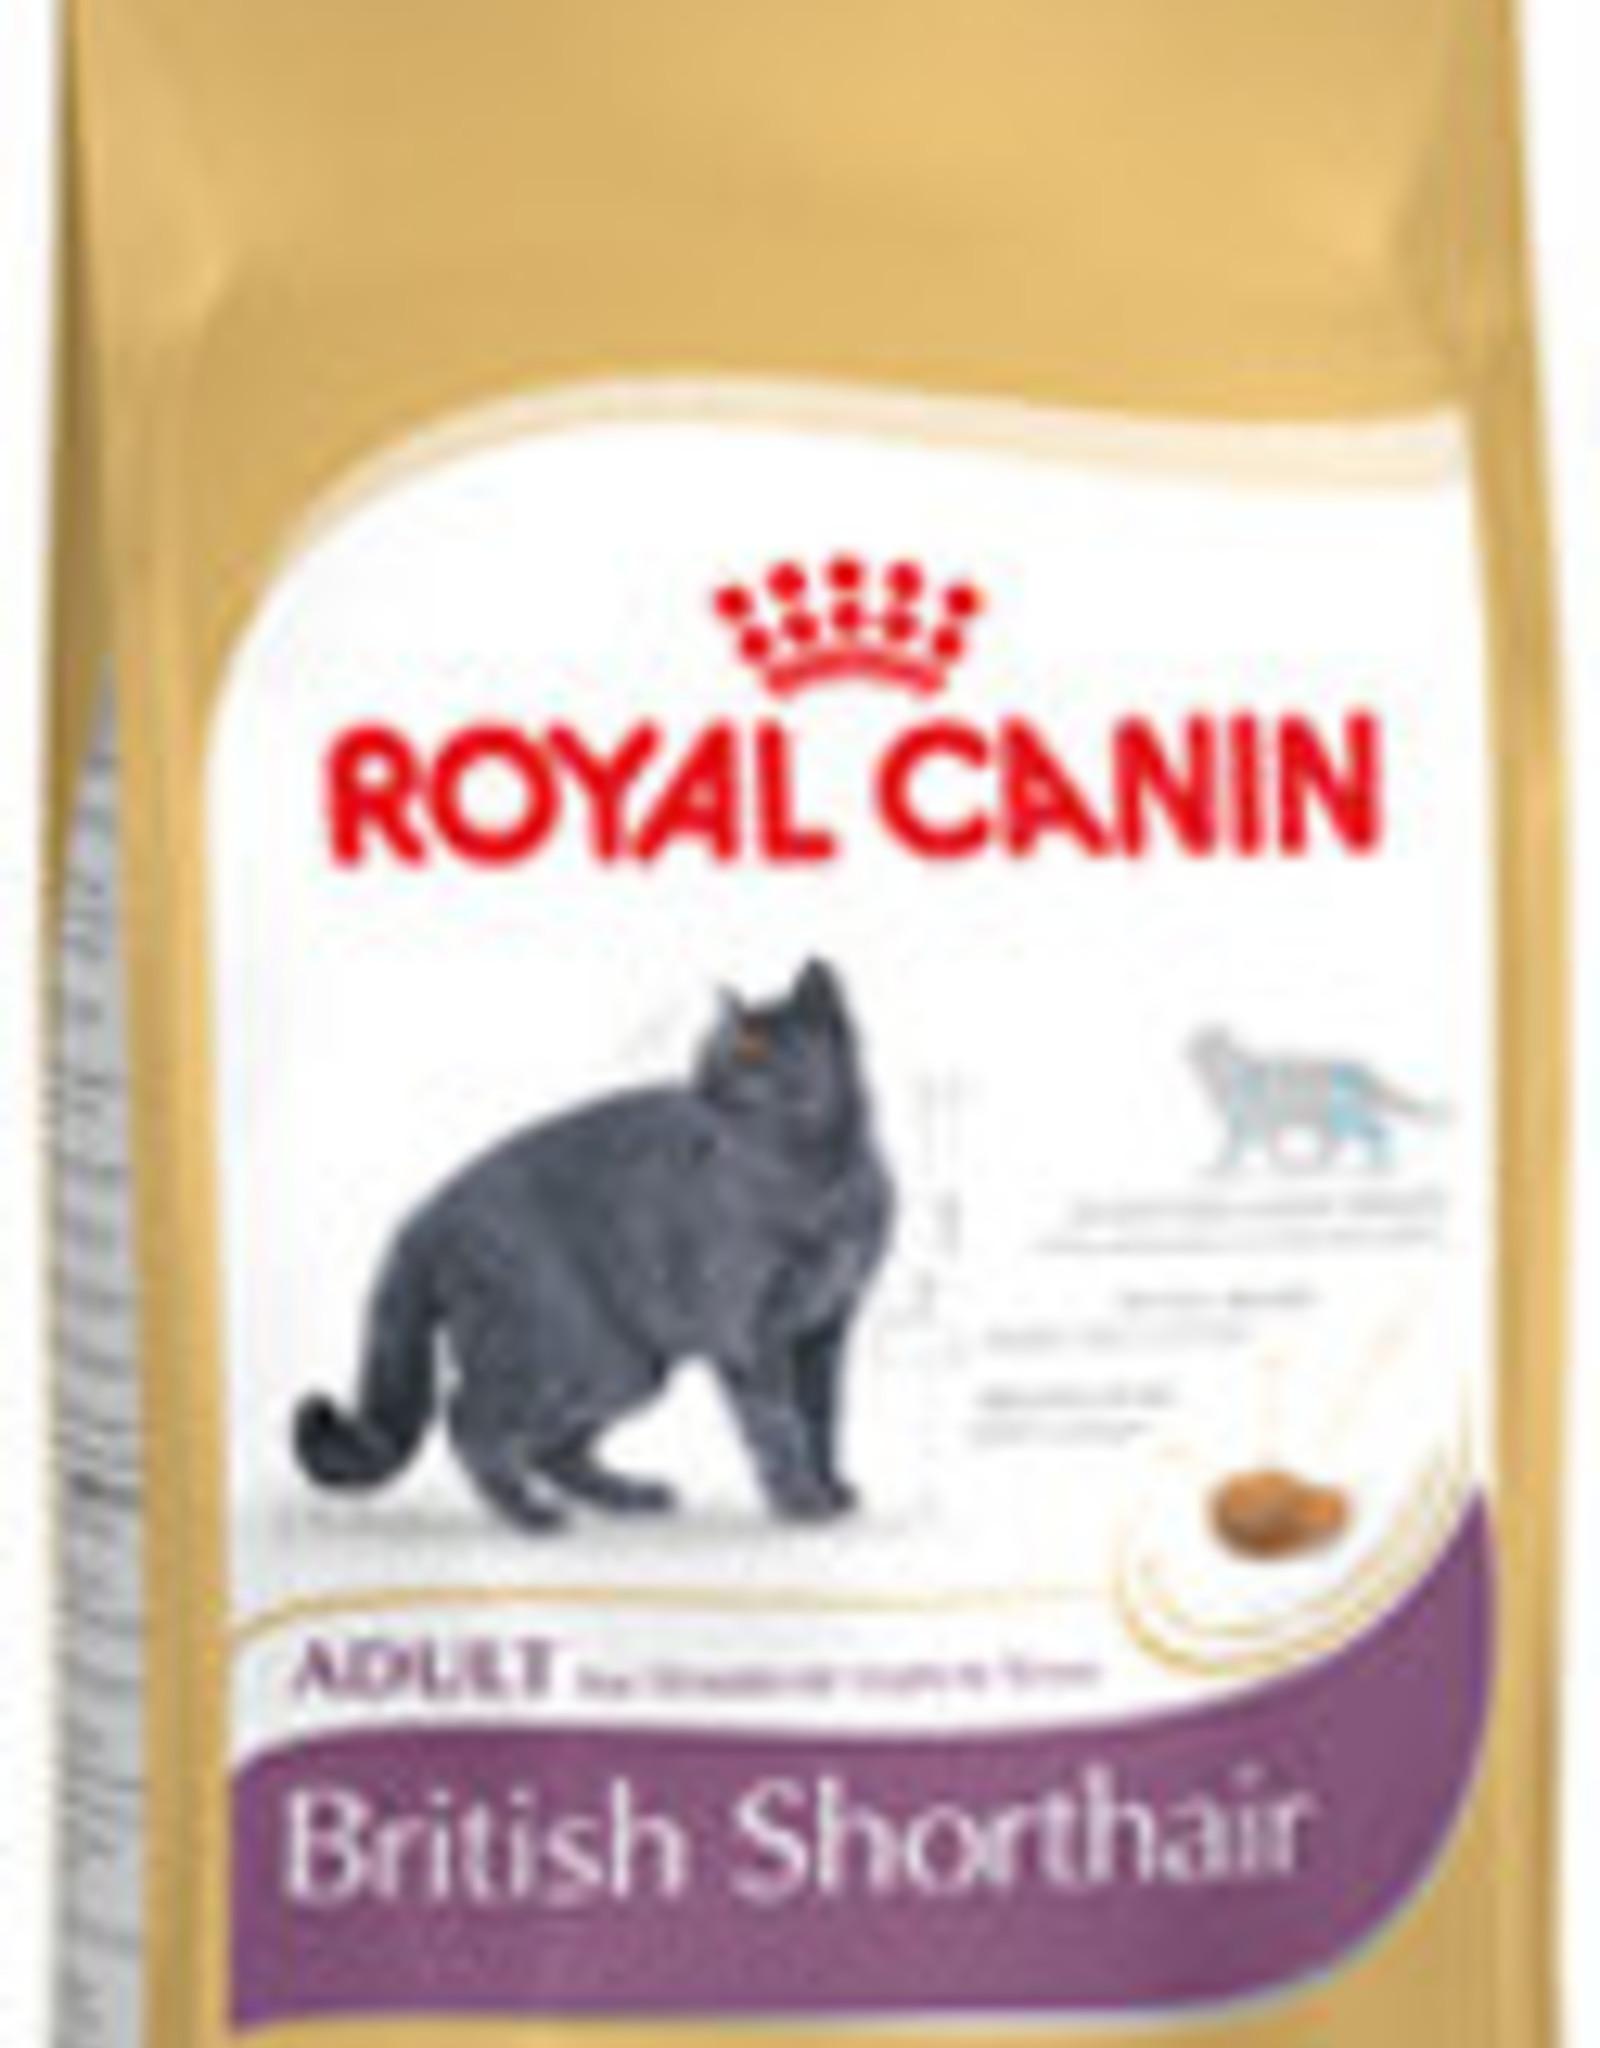 Royal Canin Royal Canin Fbn British Shorthair 4kg